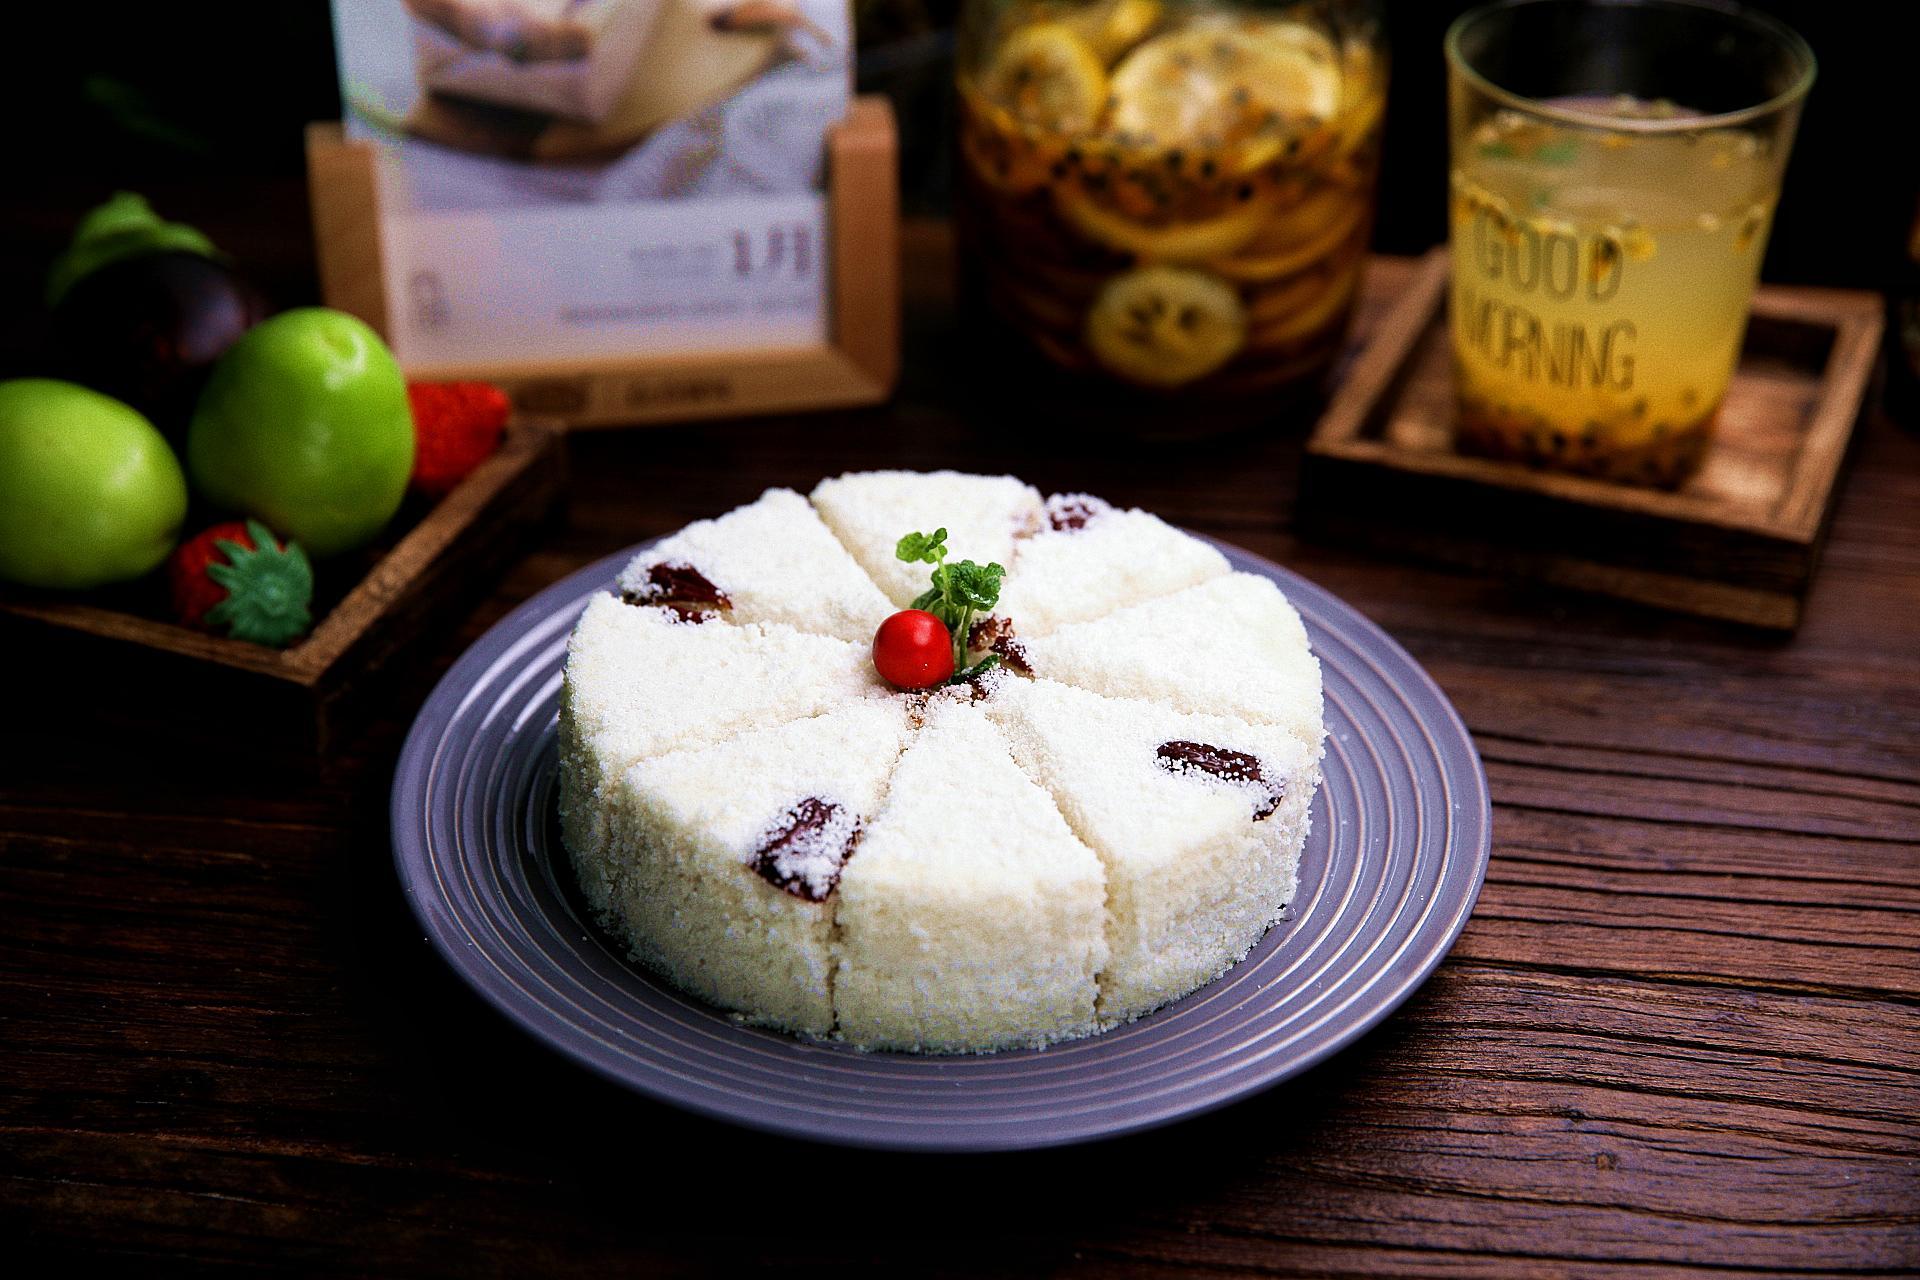 米糕可以用烤箱烤吗【大米糕最简单的做法,无需烤箱,蒸一蒸,暄软弹口,好吃不上火】